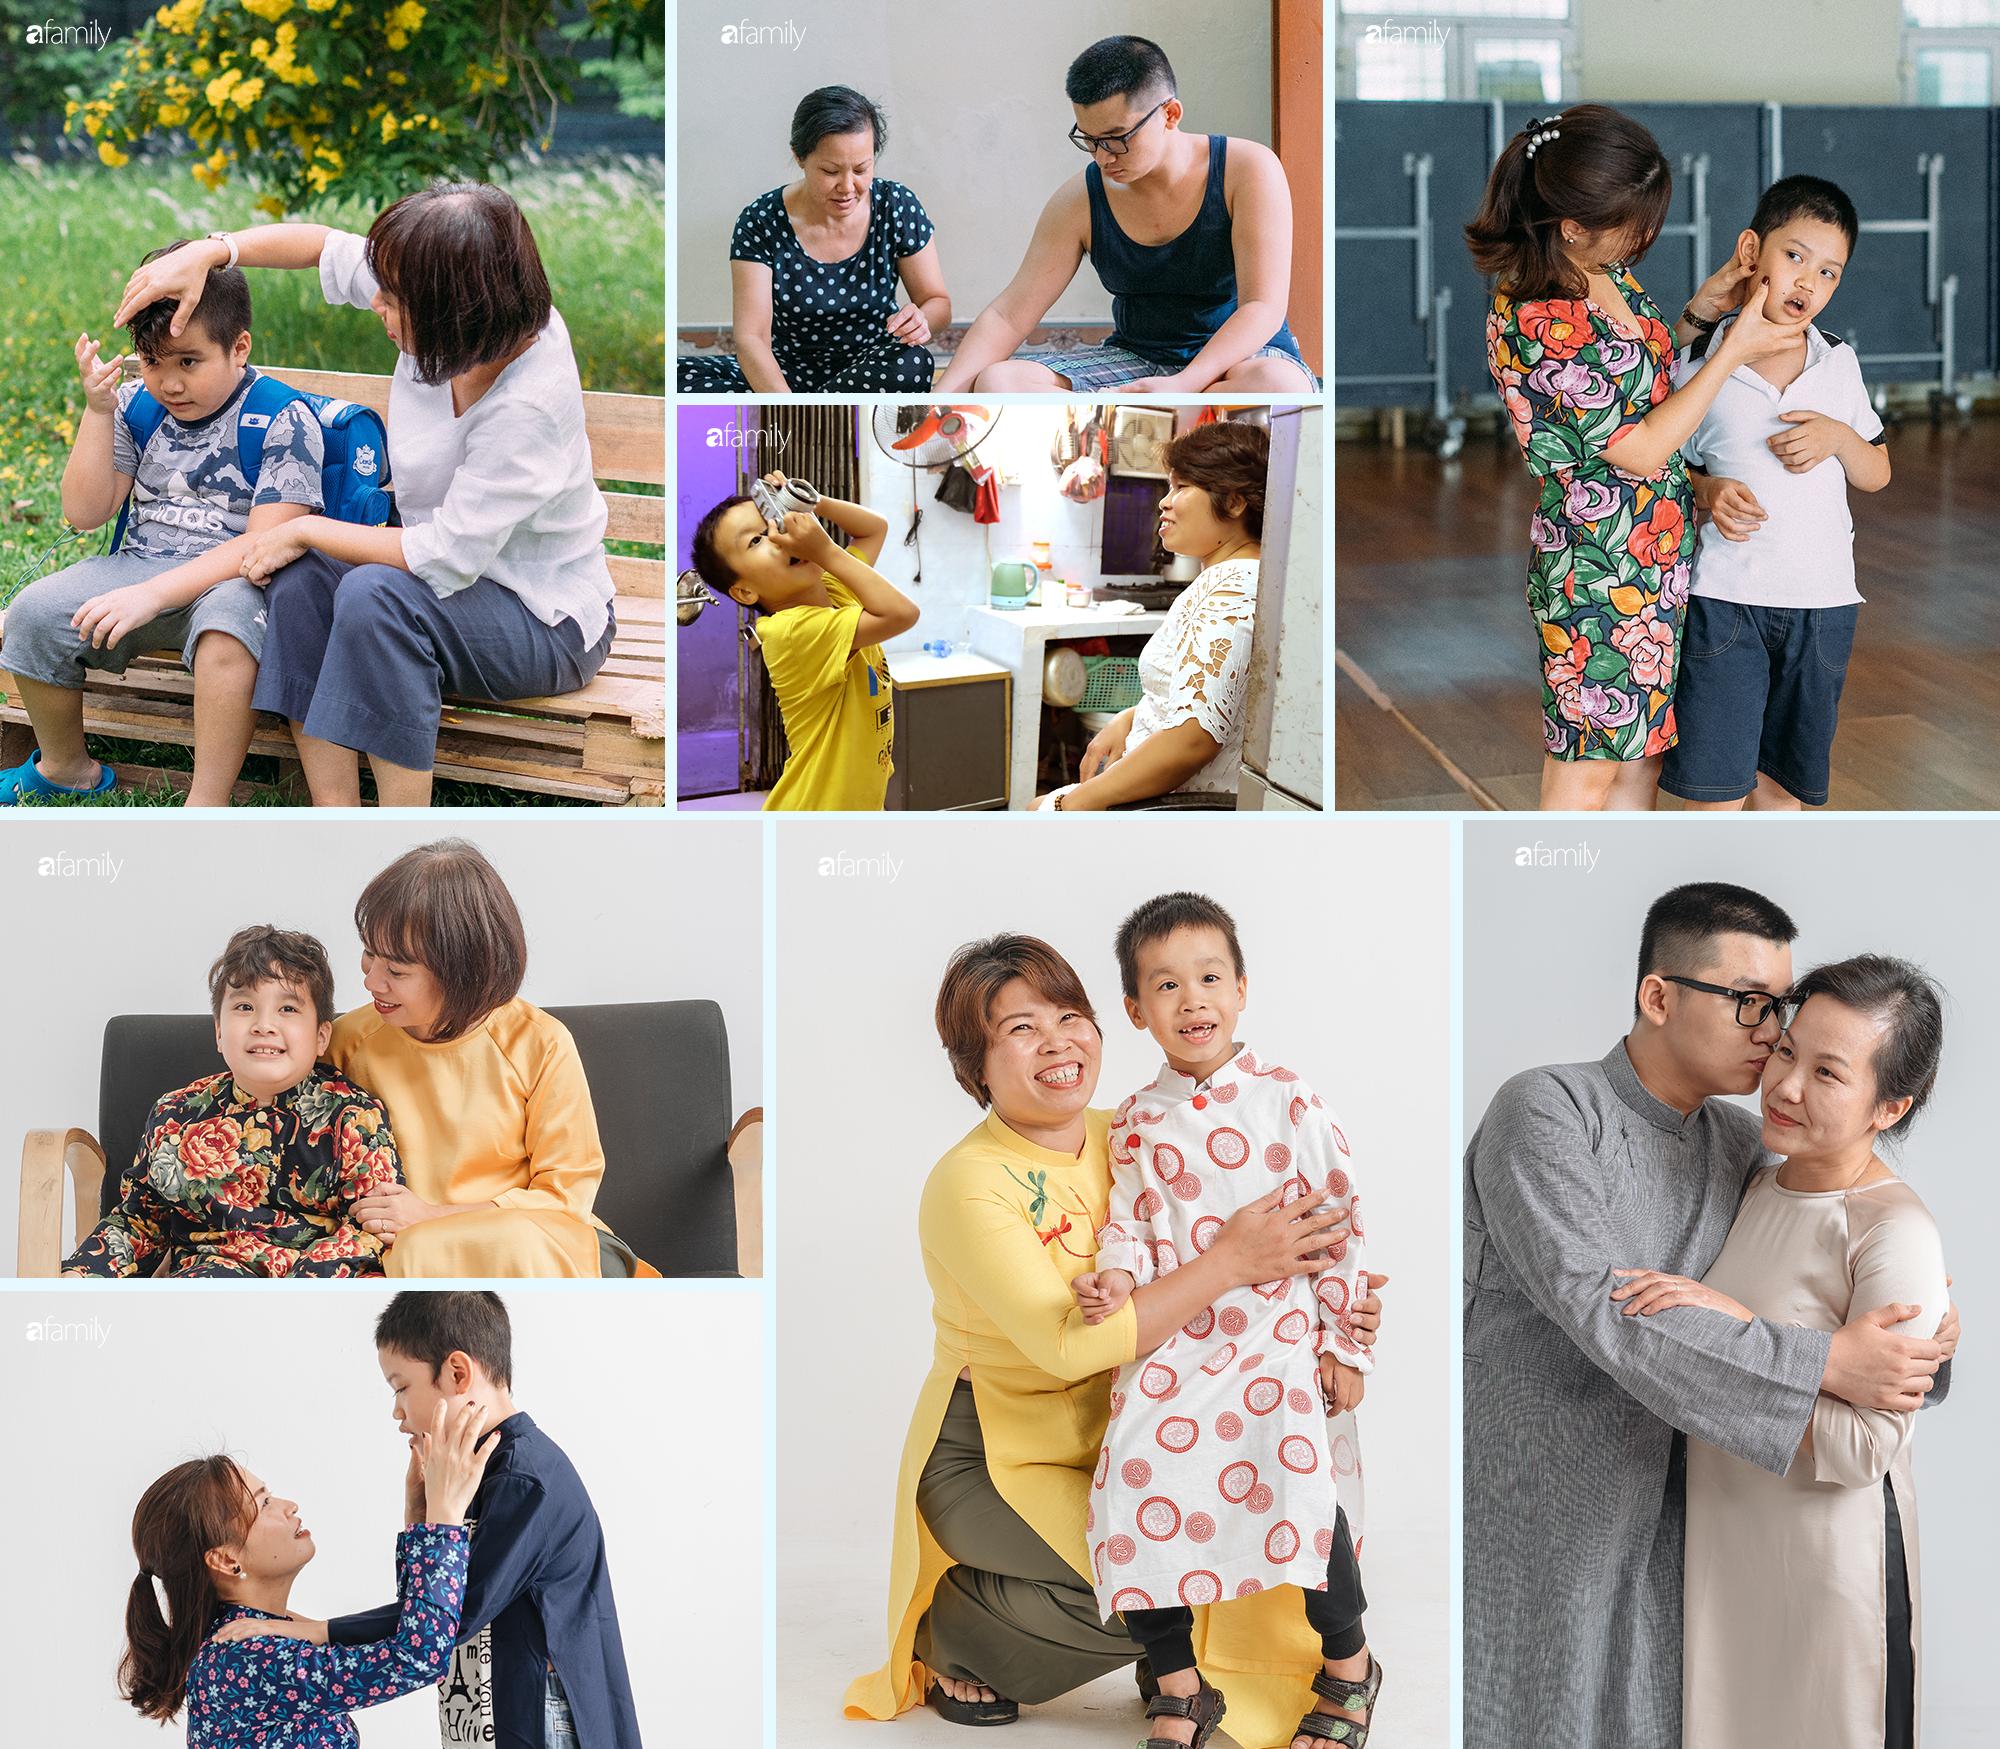 Hành trình của bốn người mẹ có con tự kỷ: Trong mắt mẹ, con luôn là một đứa trẻ đáng yêu, trong mắt con, mẹ luôn là người tuyệt vời nhất - Ảnh 28.